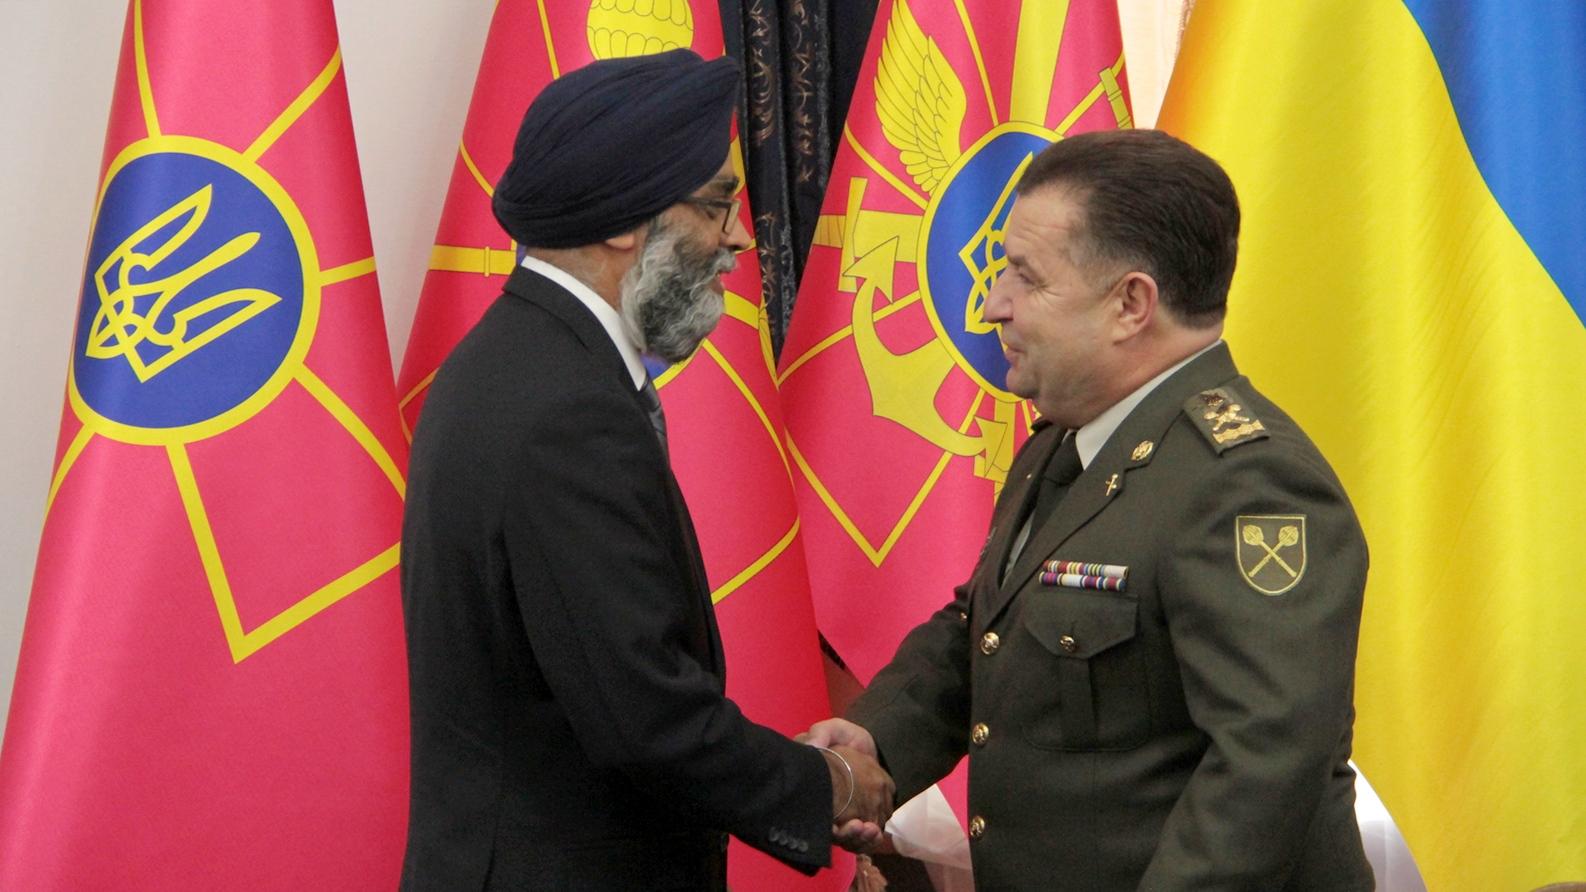 Поставки оружия - только первый шаг: Канада решительно готова расширить военную помощь ВС Украины для борьбы с агрессией РФ - министр Саджан